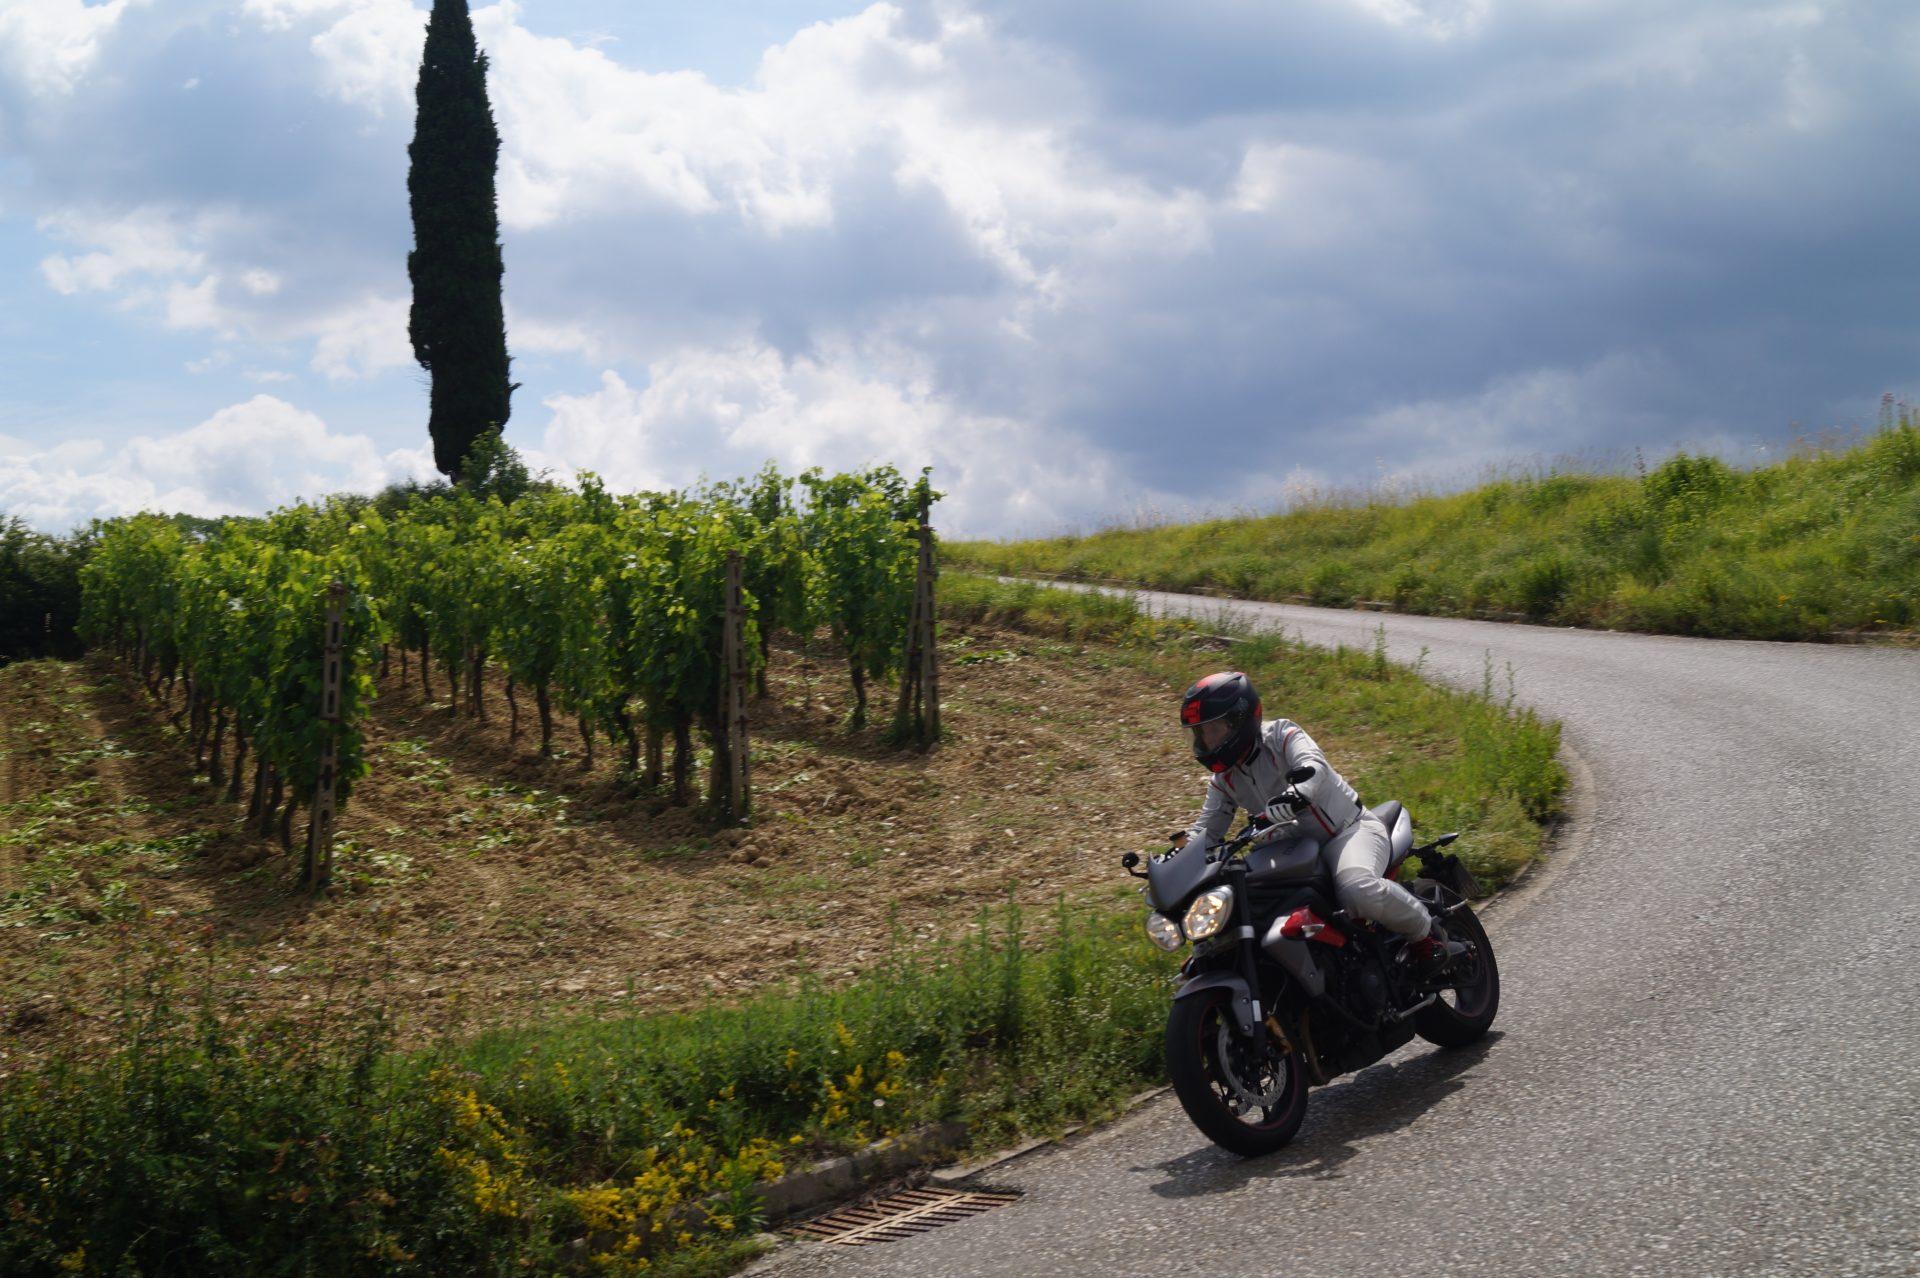 Abenteuer und Fashion rücken Motorräder ins Rampenlicht